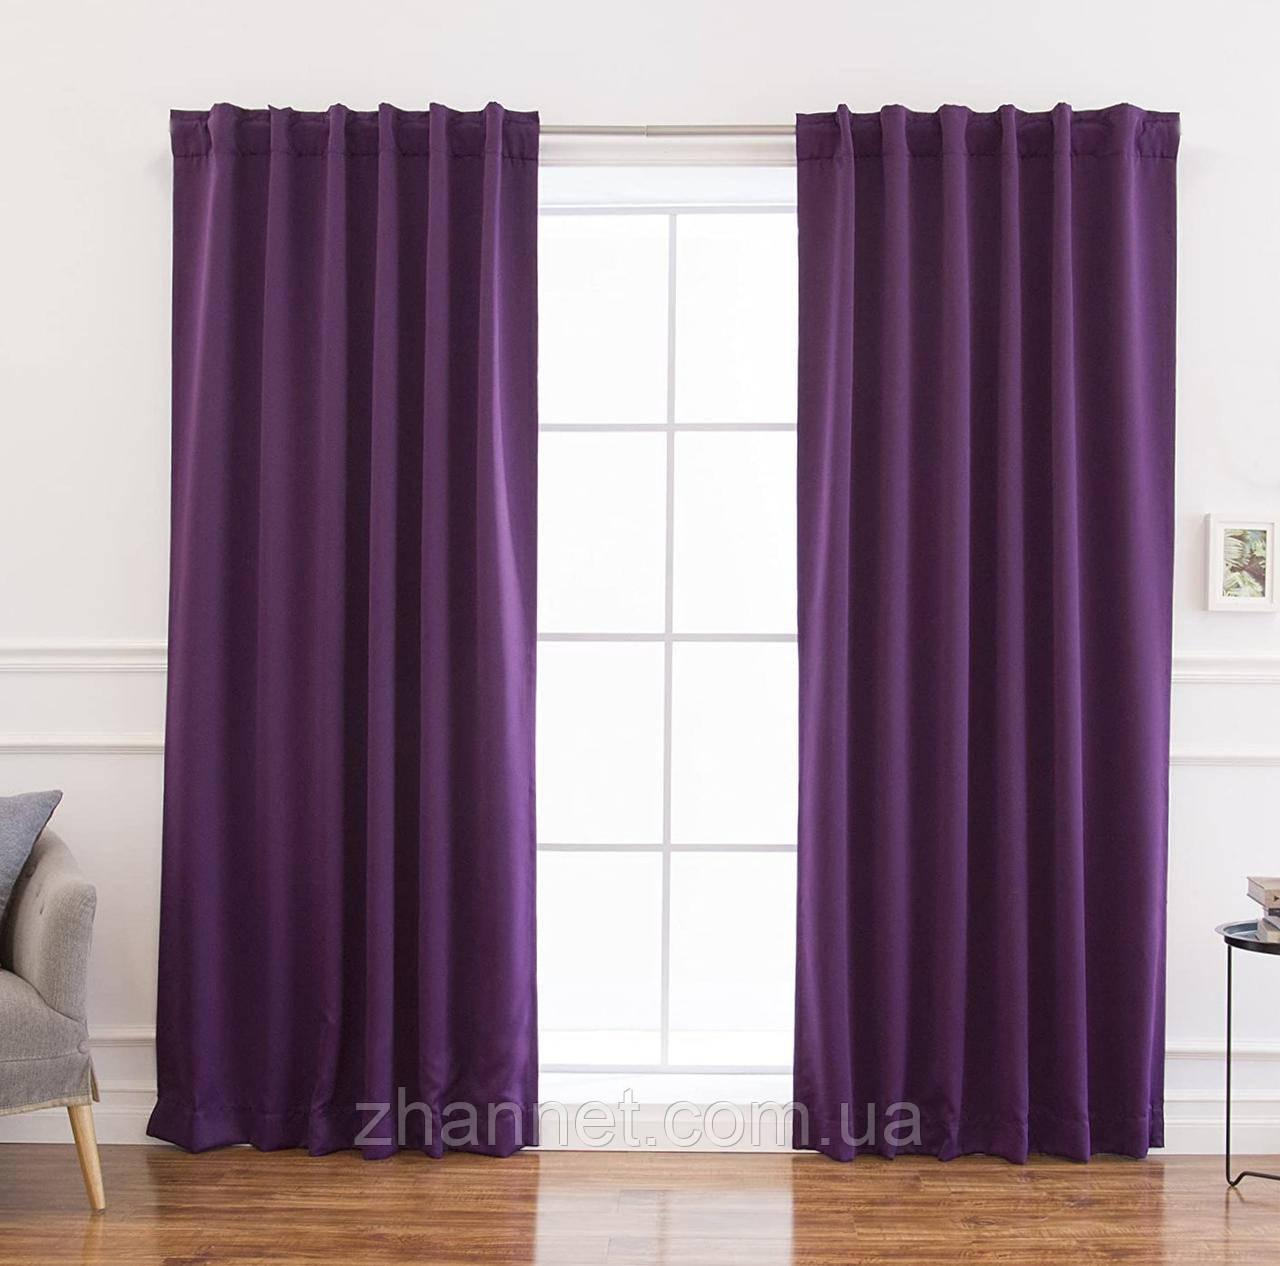 Комплект Штор Блекаут фиолетовый (150517821)